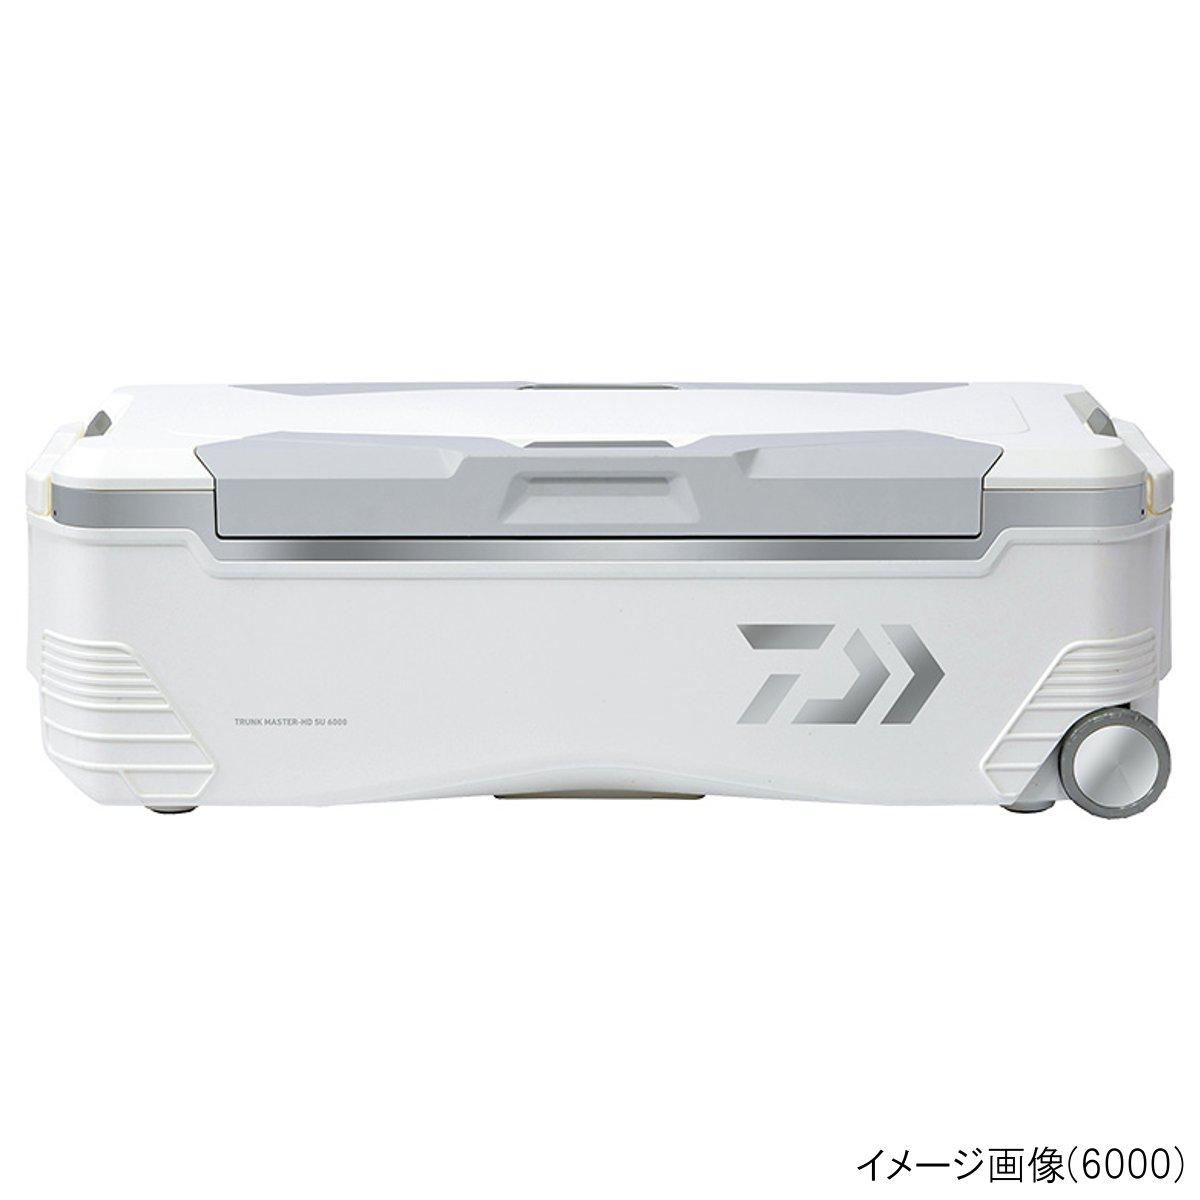 ダイワ トランクマスターHD SU 4800 シルバー クーラーボックス【送料無料】